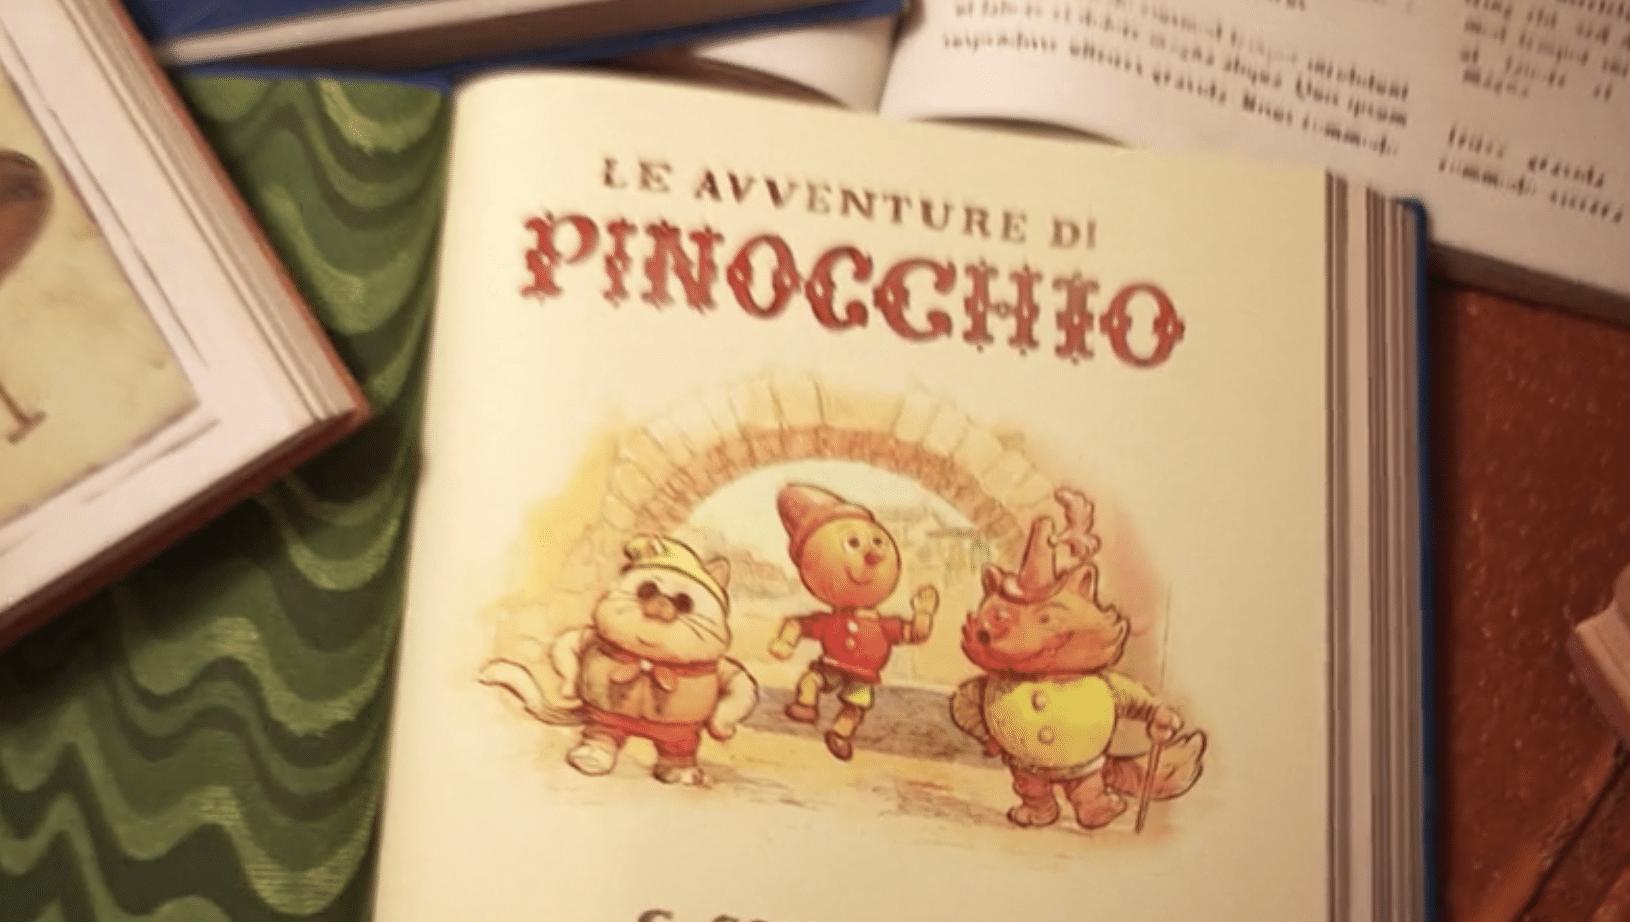 Luca Pinocchio